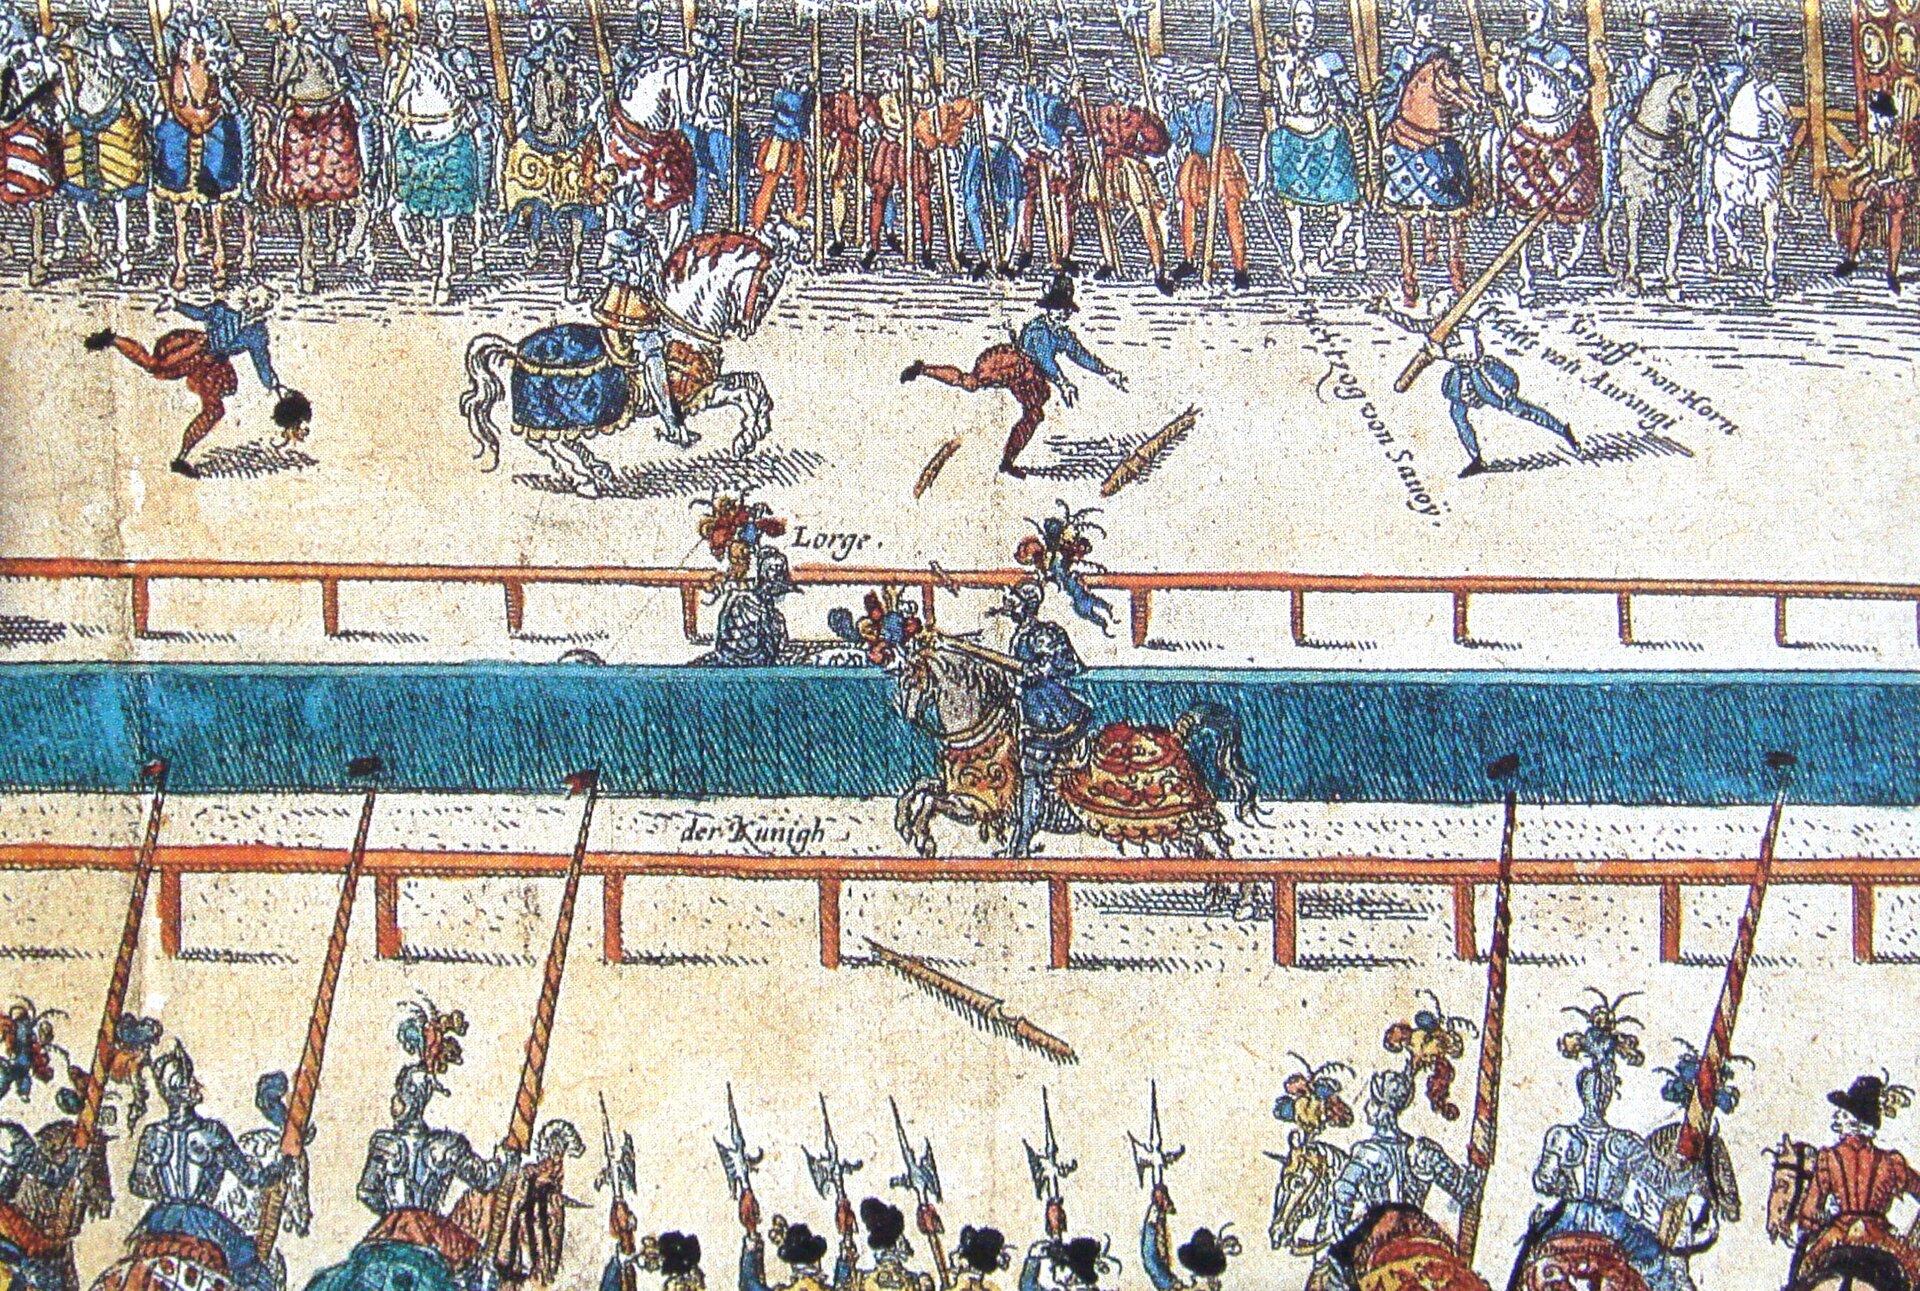 Turniej rycerski zorganizowany wParyżu w1559 r. Fragmentkolorowanej grafiki pokazujący pojedynek Henryka II króla Francji w1559 r. podczas turnieju wParyżu zokazji ślubu Elżbiety de Valois, jego córki, oraz Filipa II, króla Hiszpanii, który to związek miał przypieczętować zawarty wcześniej pokój wCateau Combrésis. Król został ranny woko fragmentem połamanej drewnianej kopii iwkrótce zmarł. Źródło: Turniej rycerski zorganizowany wParyżu w1559 r., domena publiczna.